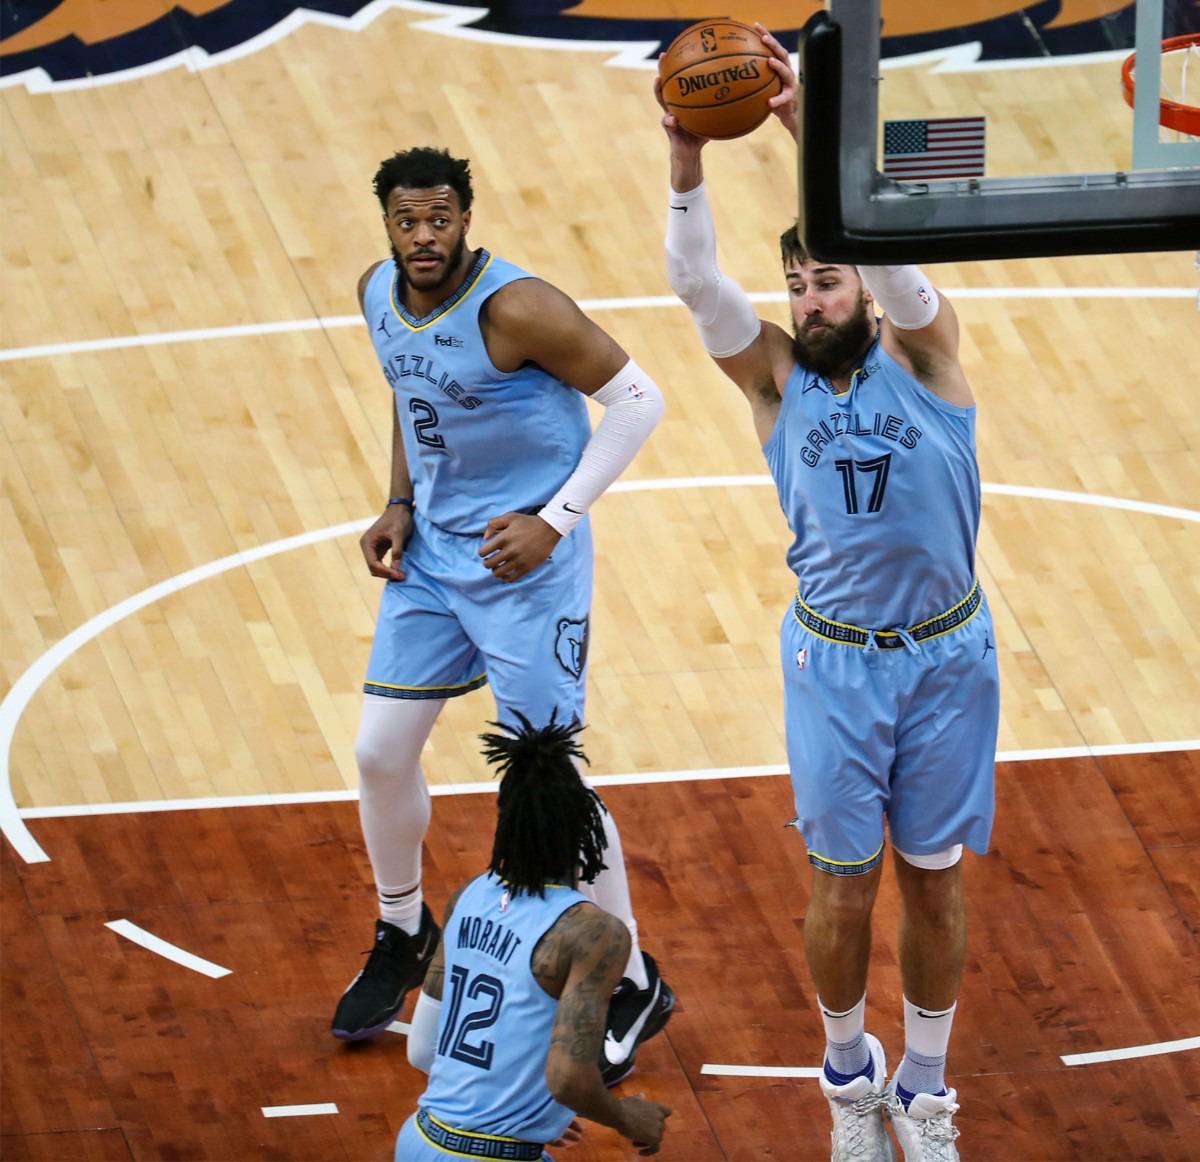 <strong>Memphis Grizzlies center Jonas Valanciunas (17) grabs a rebound during a Feb. 20, 2021 game at the FedExForum.</strong> (Patrick Lantrip/Daily Memphian)